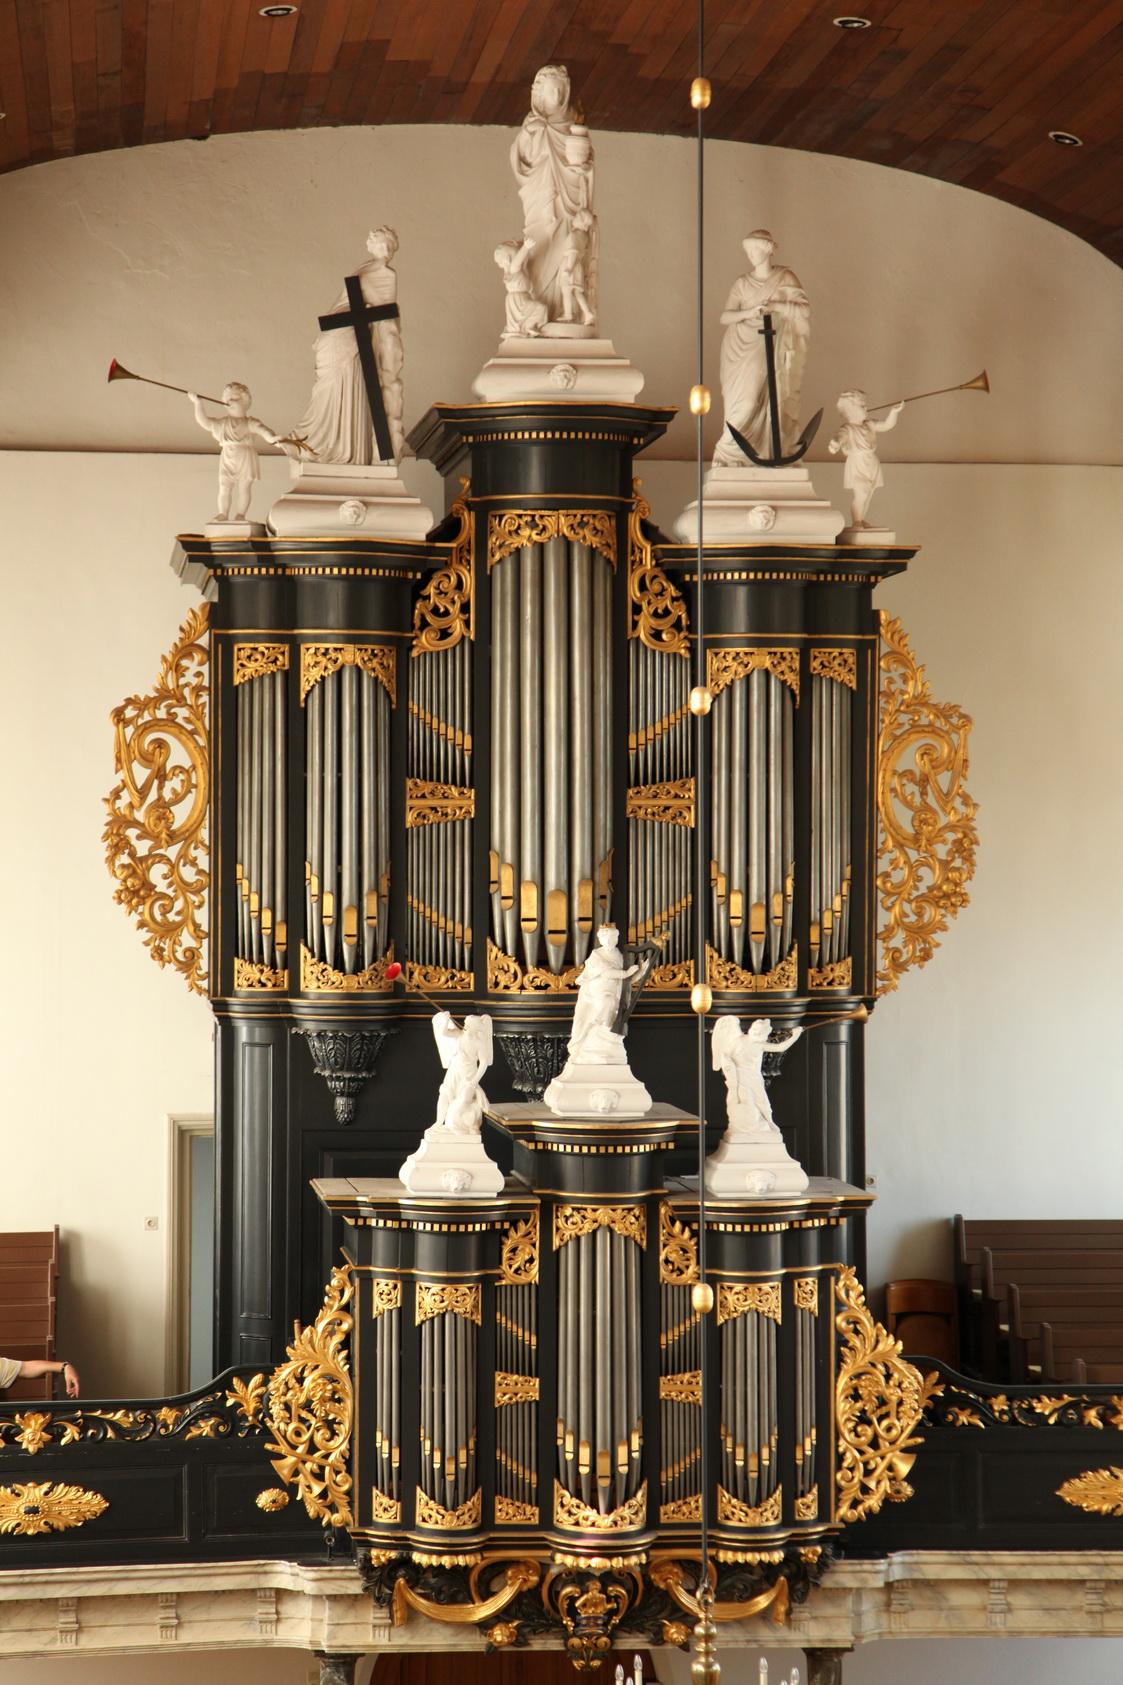 Het Zwier van Dijk-orgel uit 1885 in de grote kerk in Genemuiden